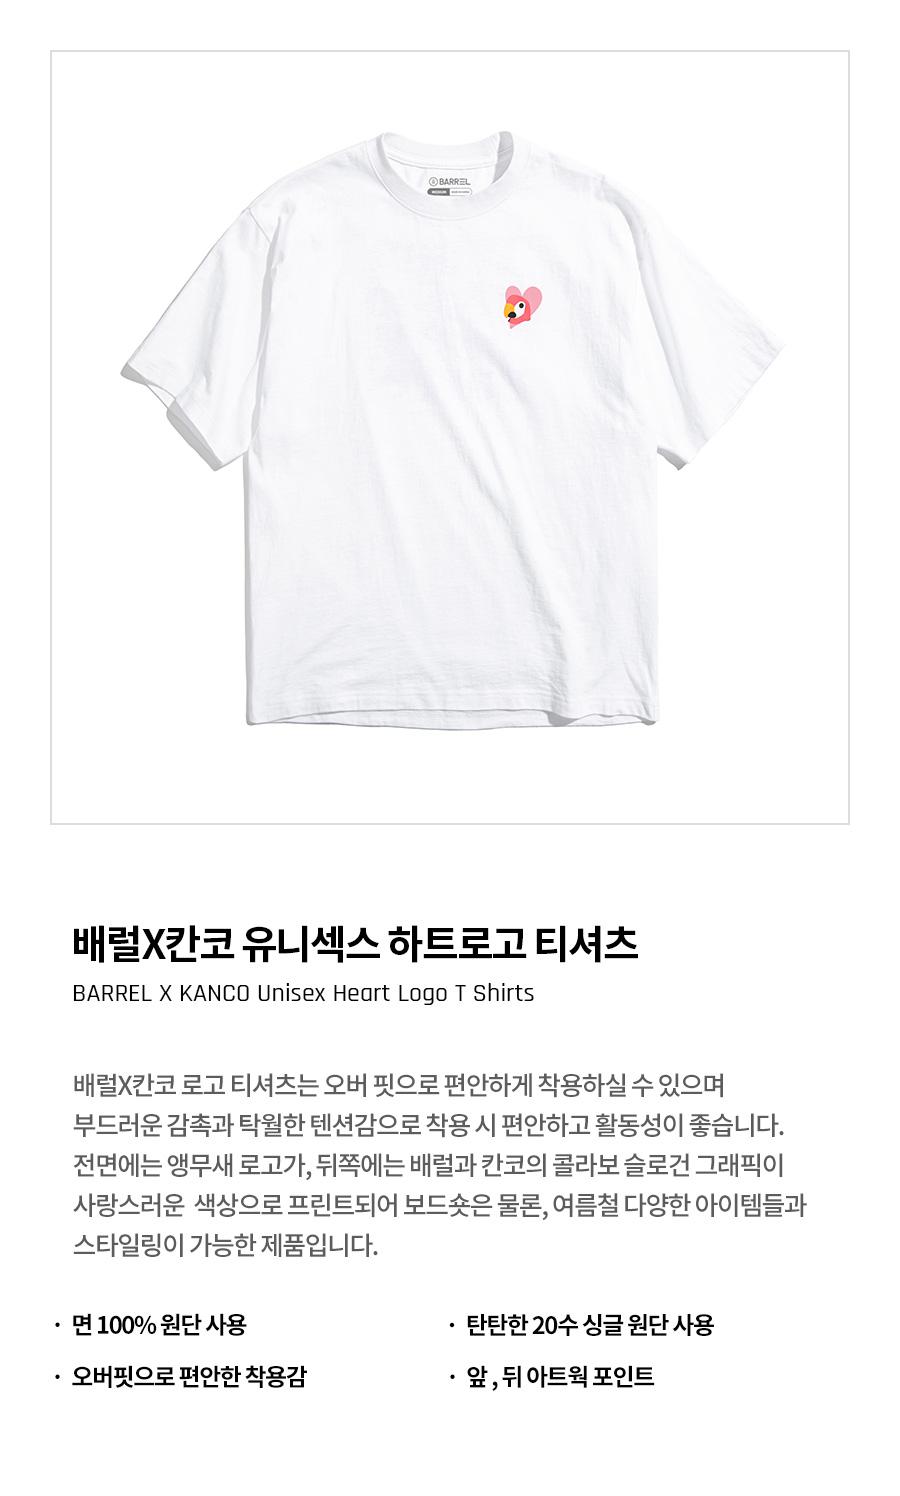 배럴(BARREL) 배럴X칸코 유니섹스 하트로고 티셔츠 화이트 (BG2WSSV01WHT)